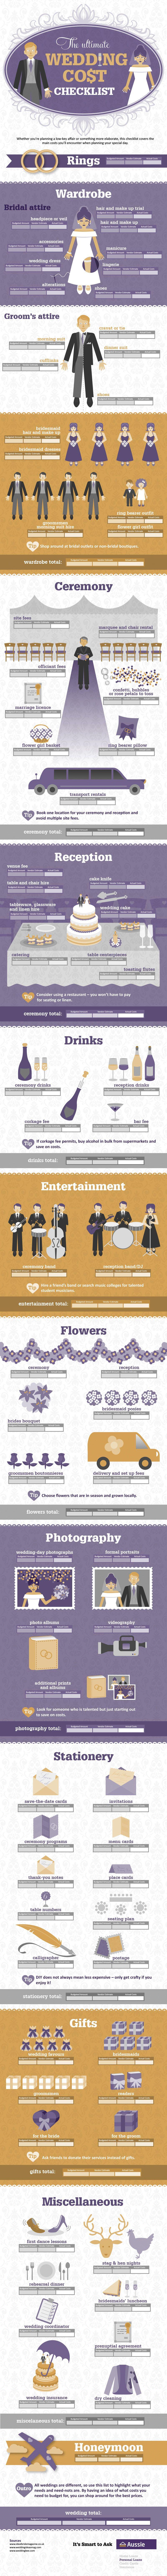 wedding costing list